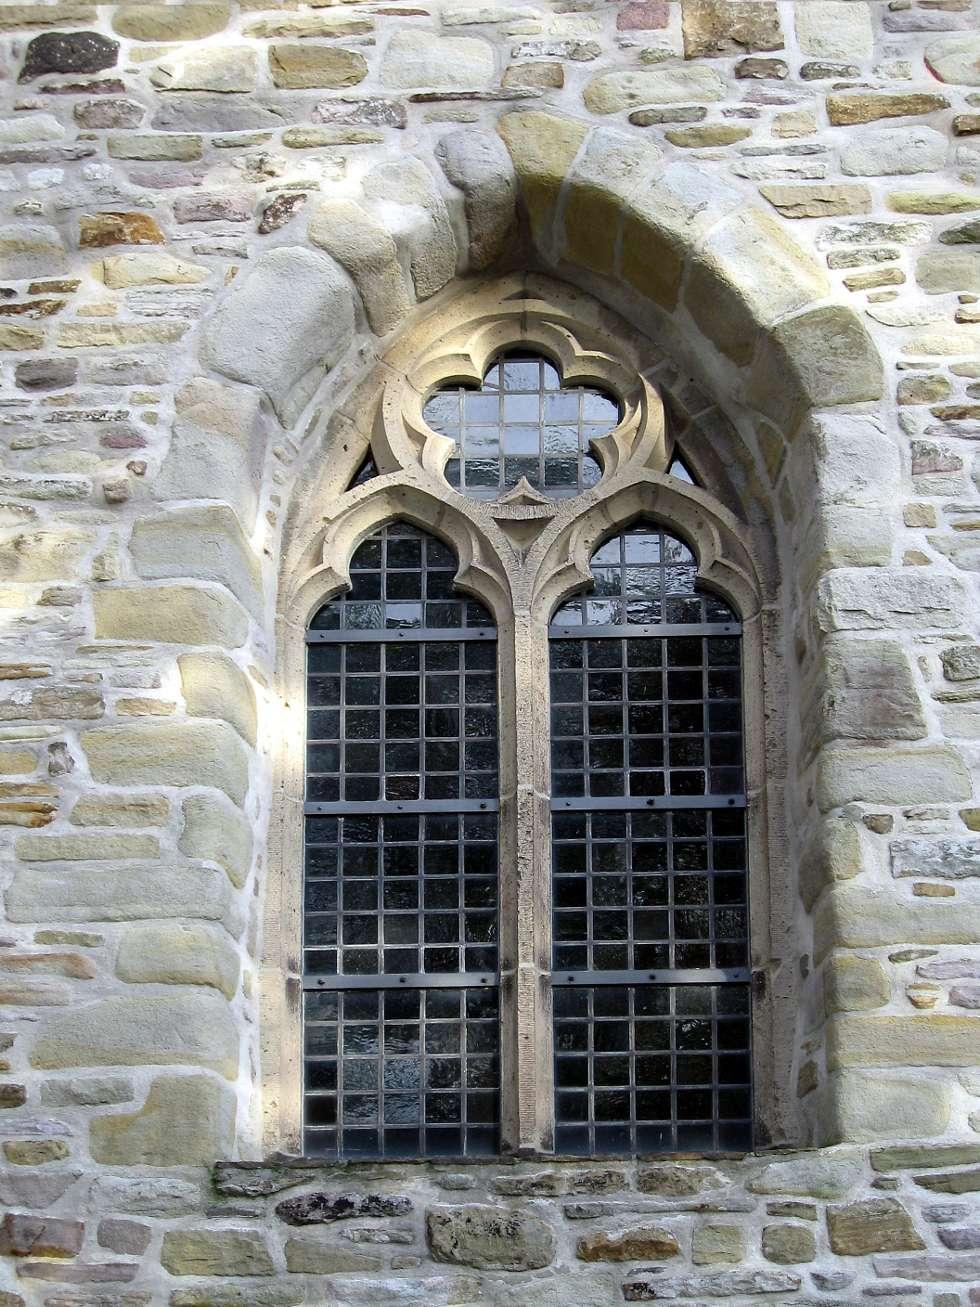 Le meneau est un élément vertical qui divise une porte ou une fenêtre. © Mathias Bigge, CC BY-SA 2.5, Wikimedia Commons